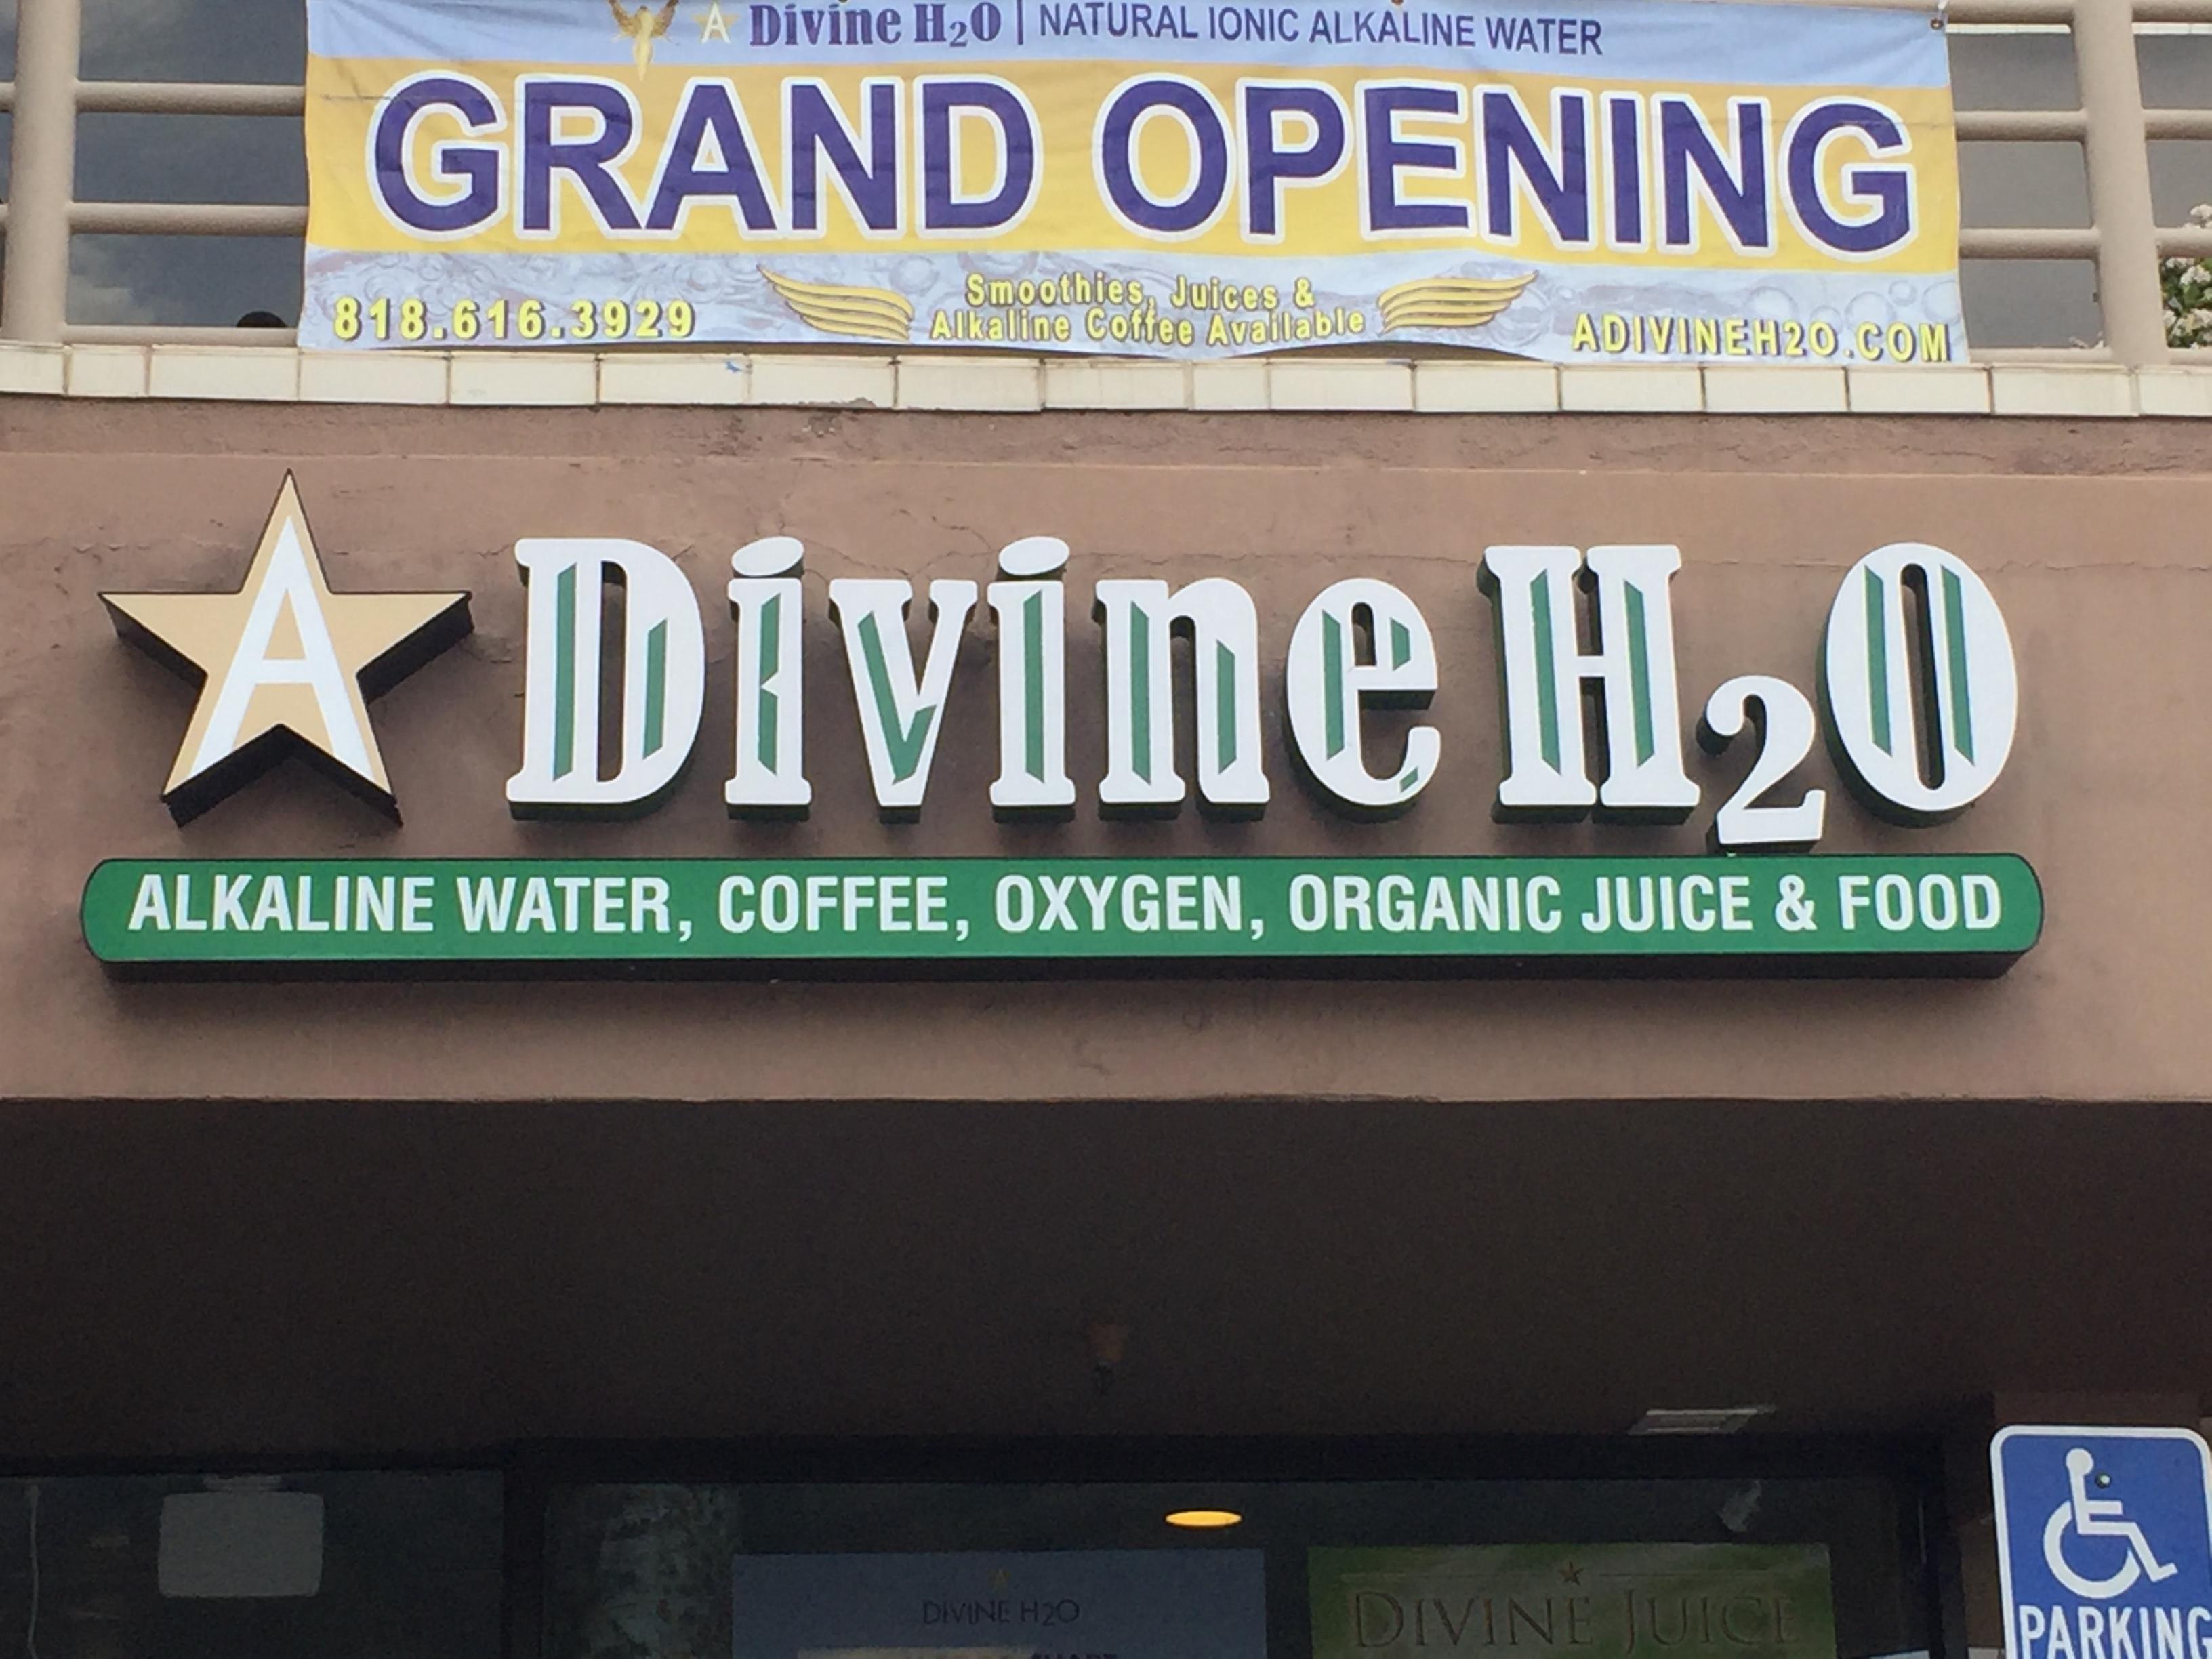 divine-h2o